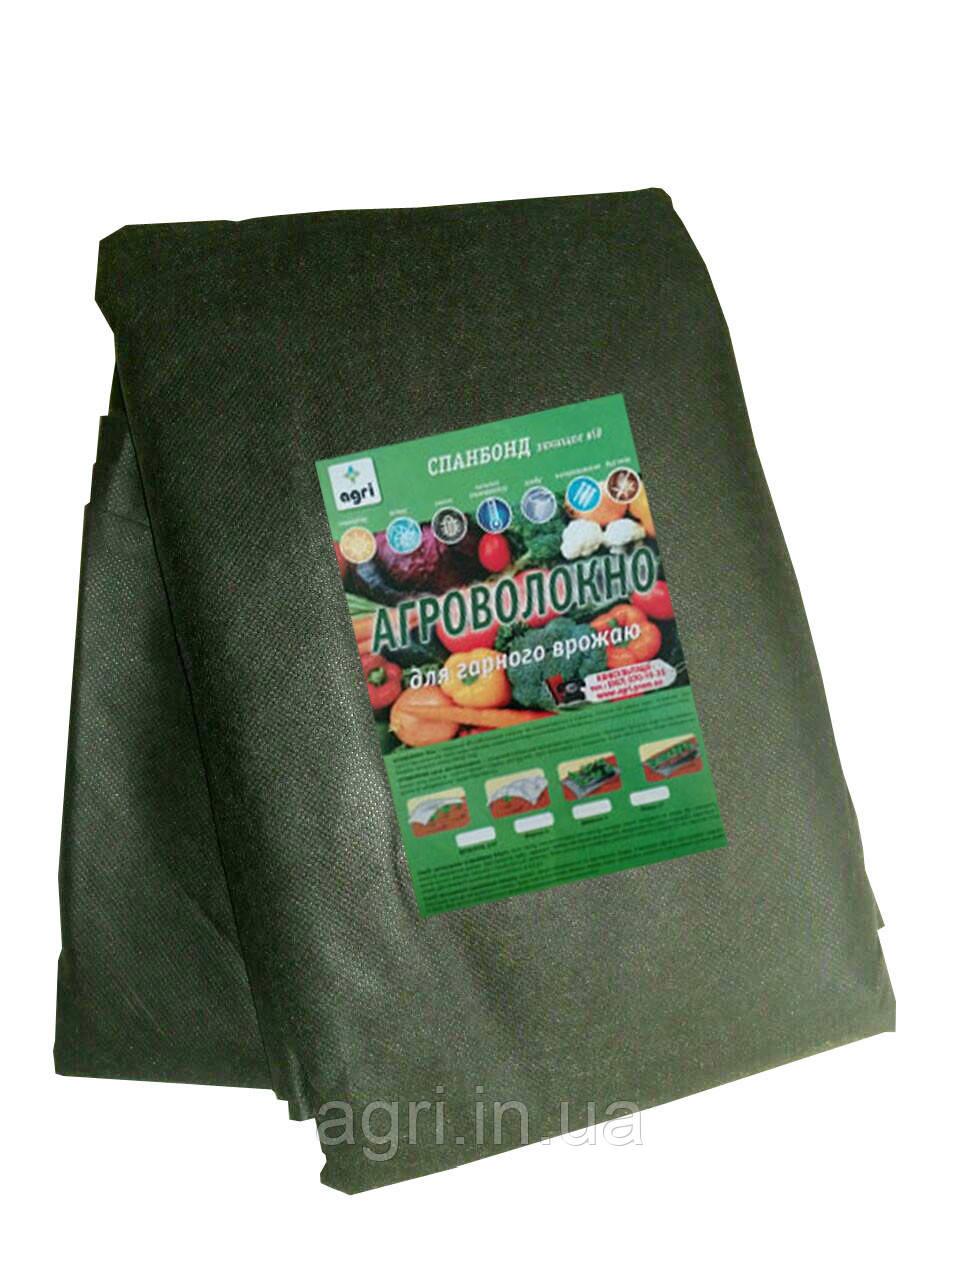 Агроволокно Агротекс 60 г/м² (1,6м*8м) черное мульчирующее